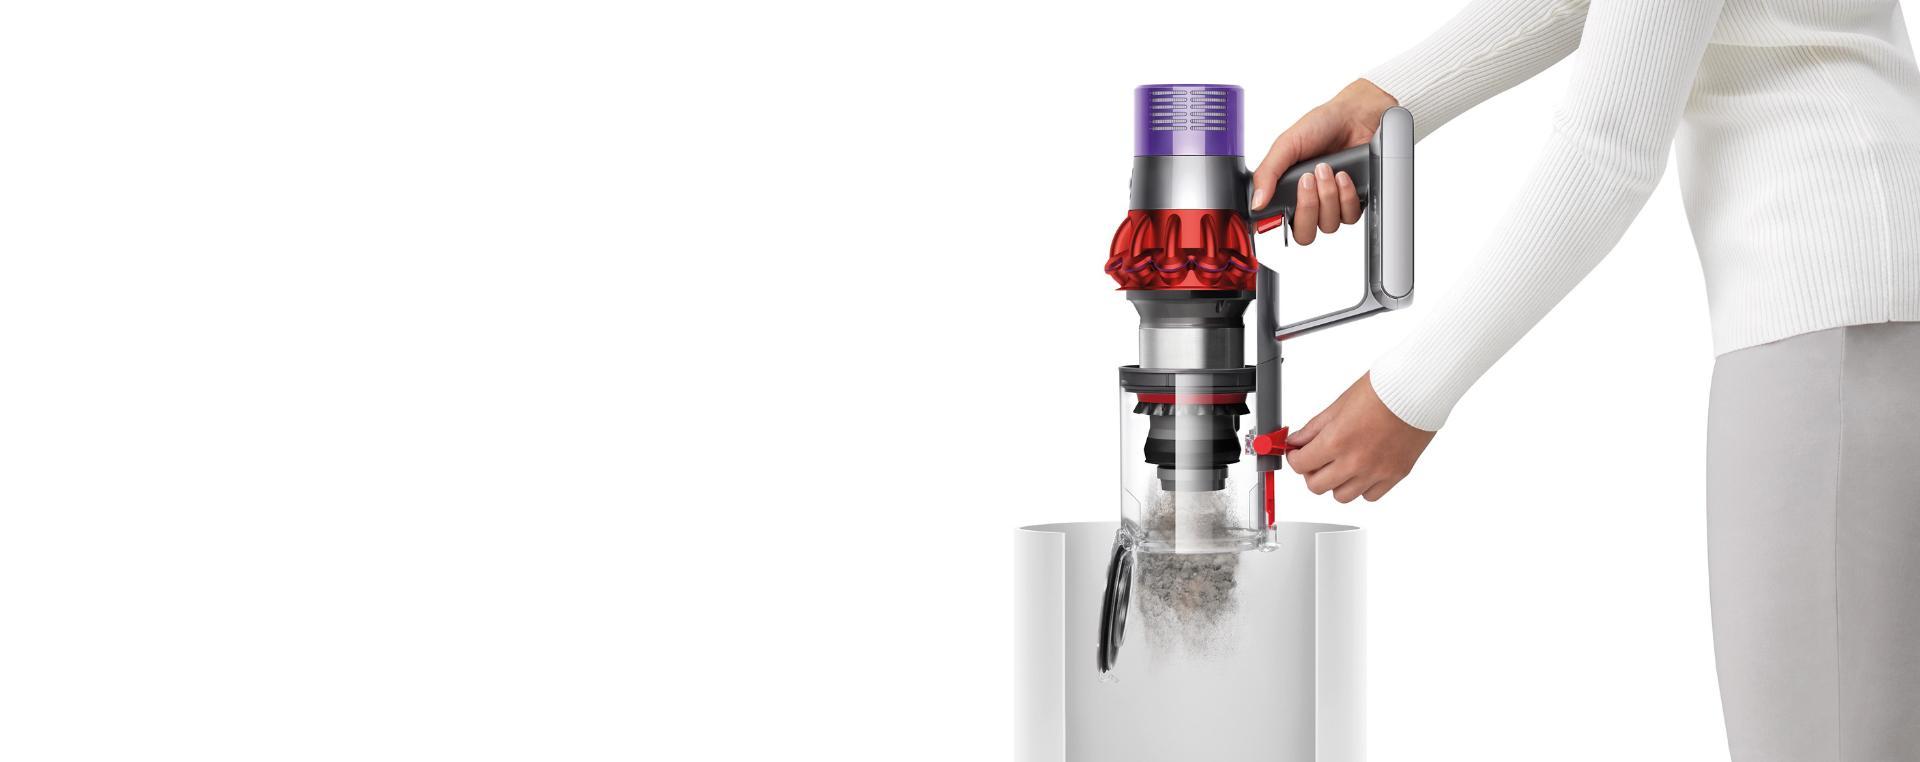 Dyson Cyclone V10™ 吸塵機集塵筒正在被清空